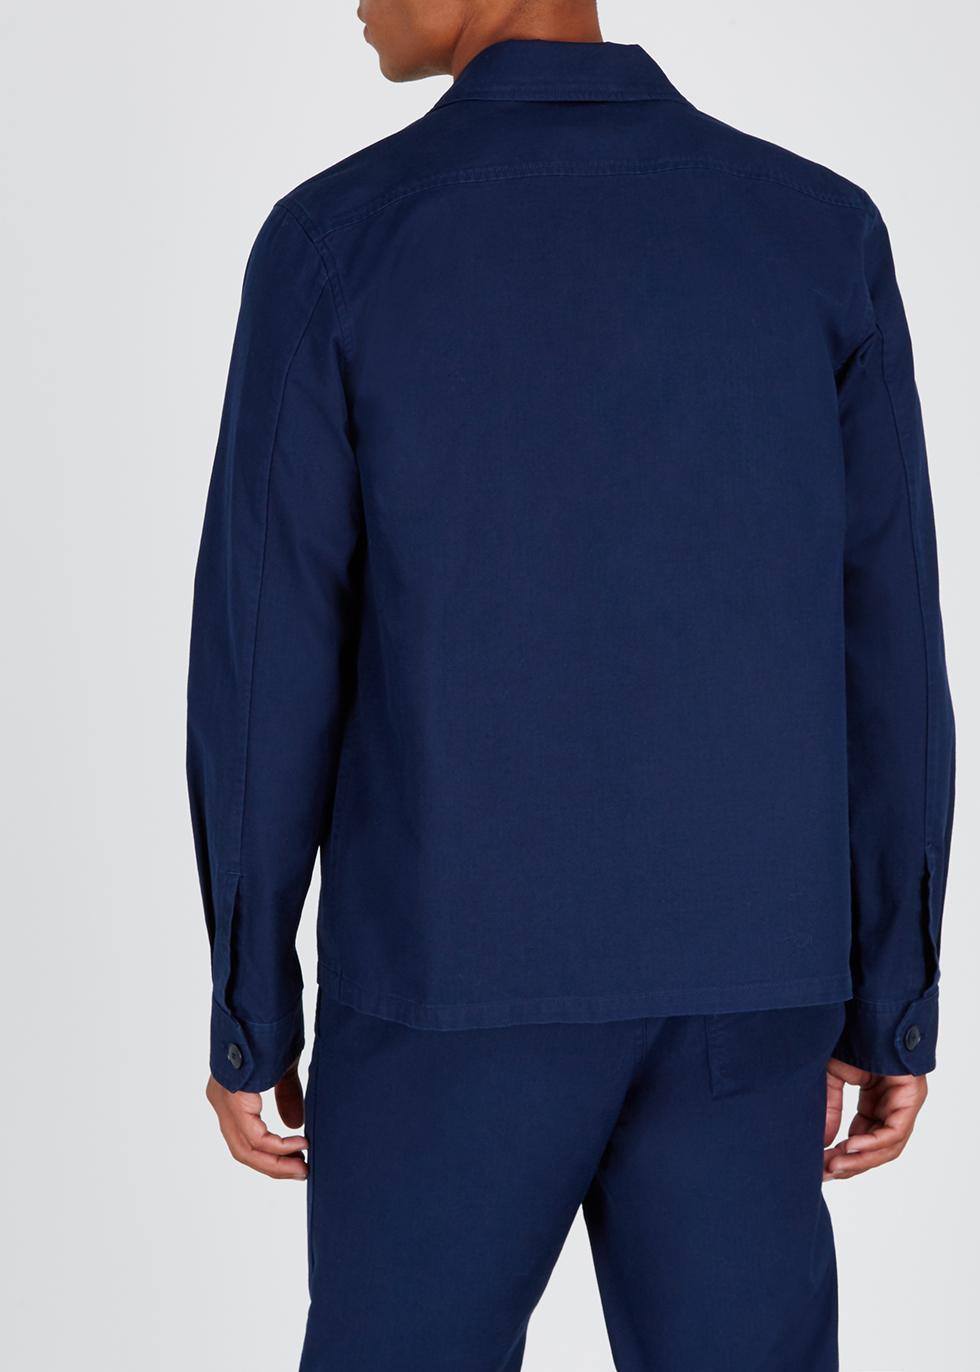 Oahu navy cotton jacket - A.P.C.